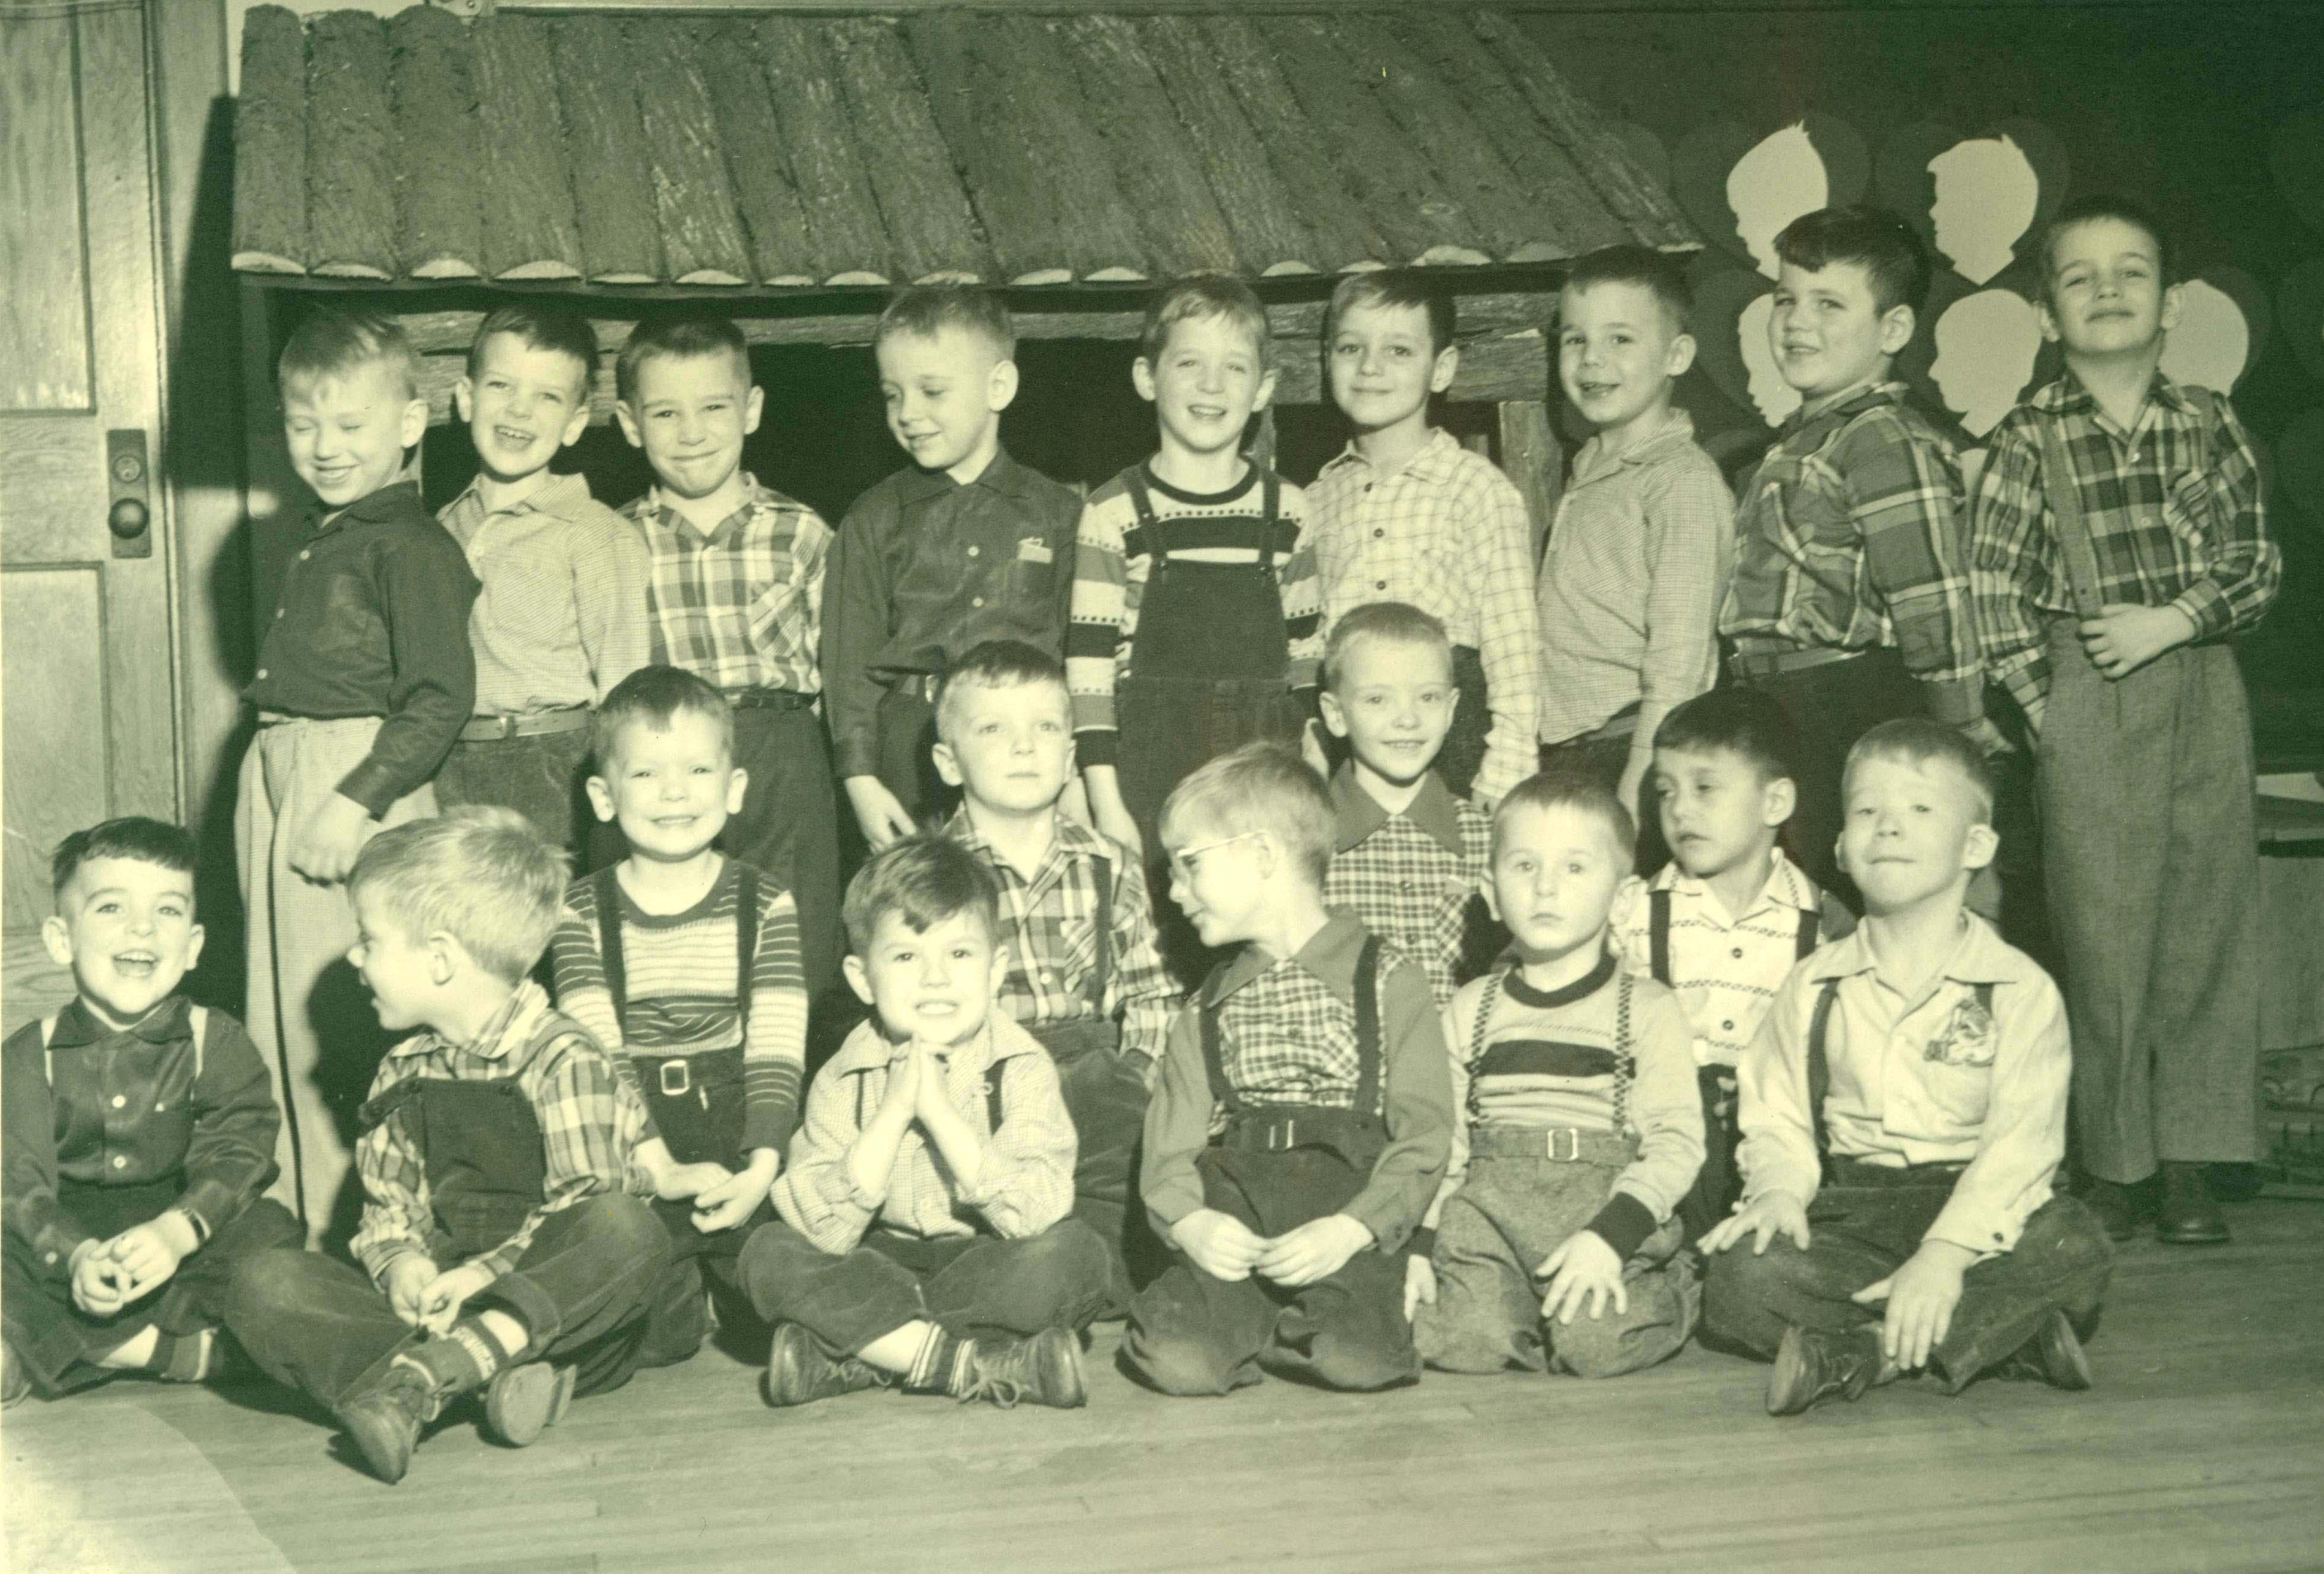 Kindergarten students in the 1950s